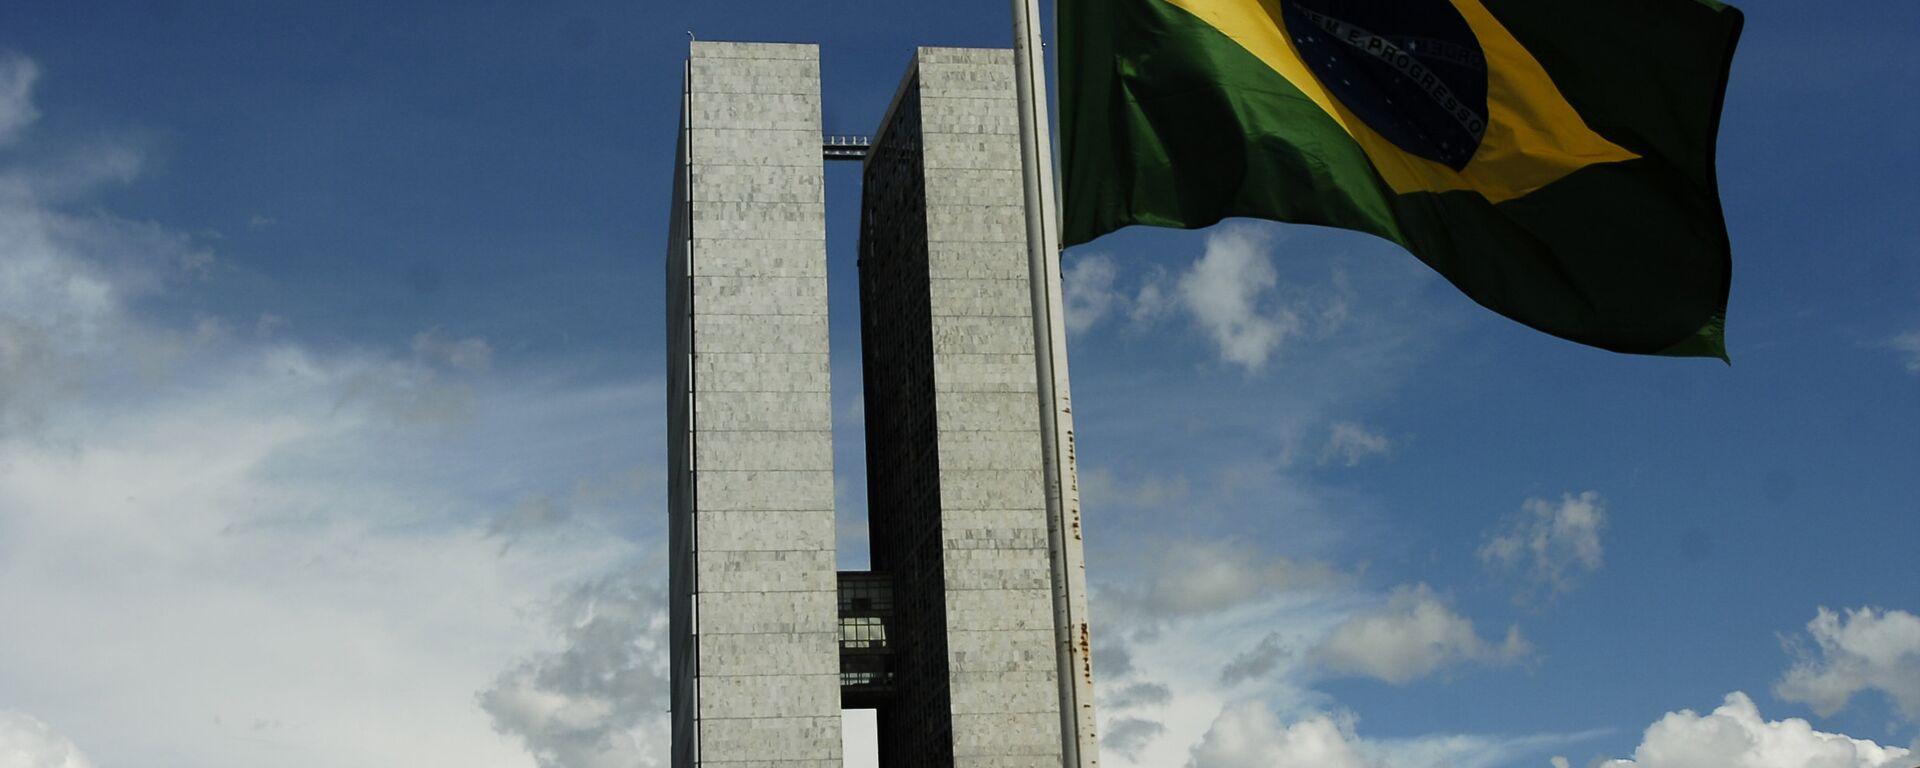 Senado de Brasil - Sputnik Mundo, 1920, 05.10.2021